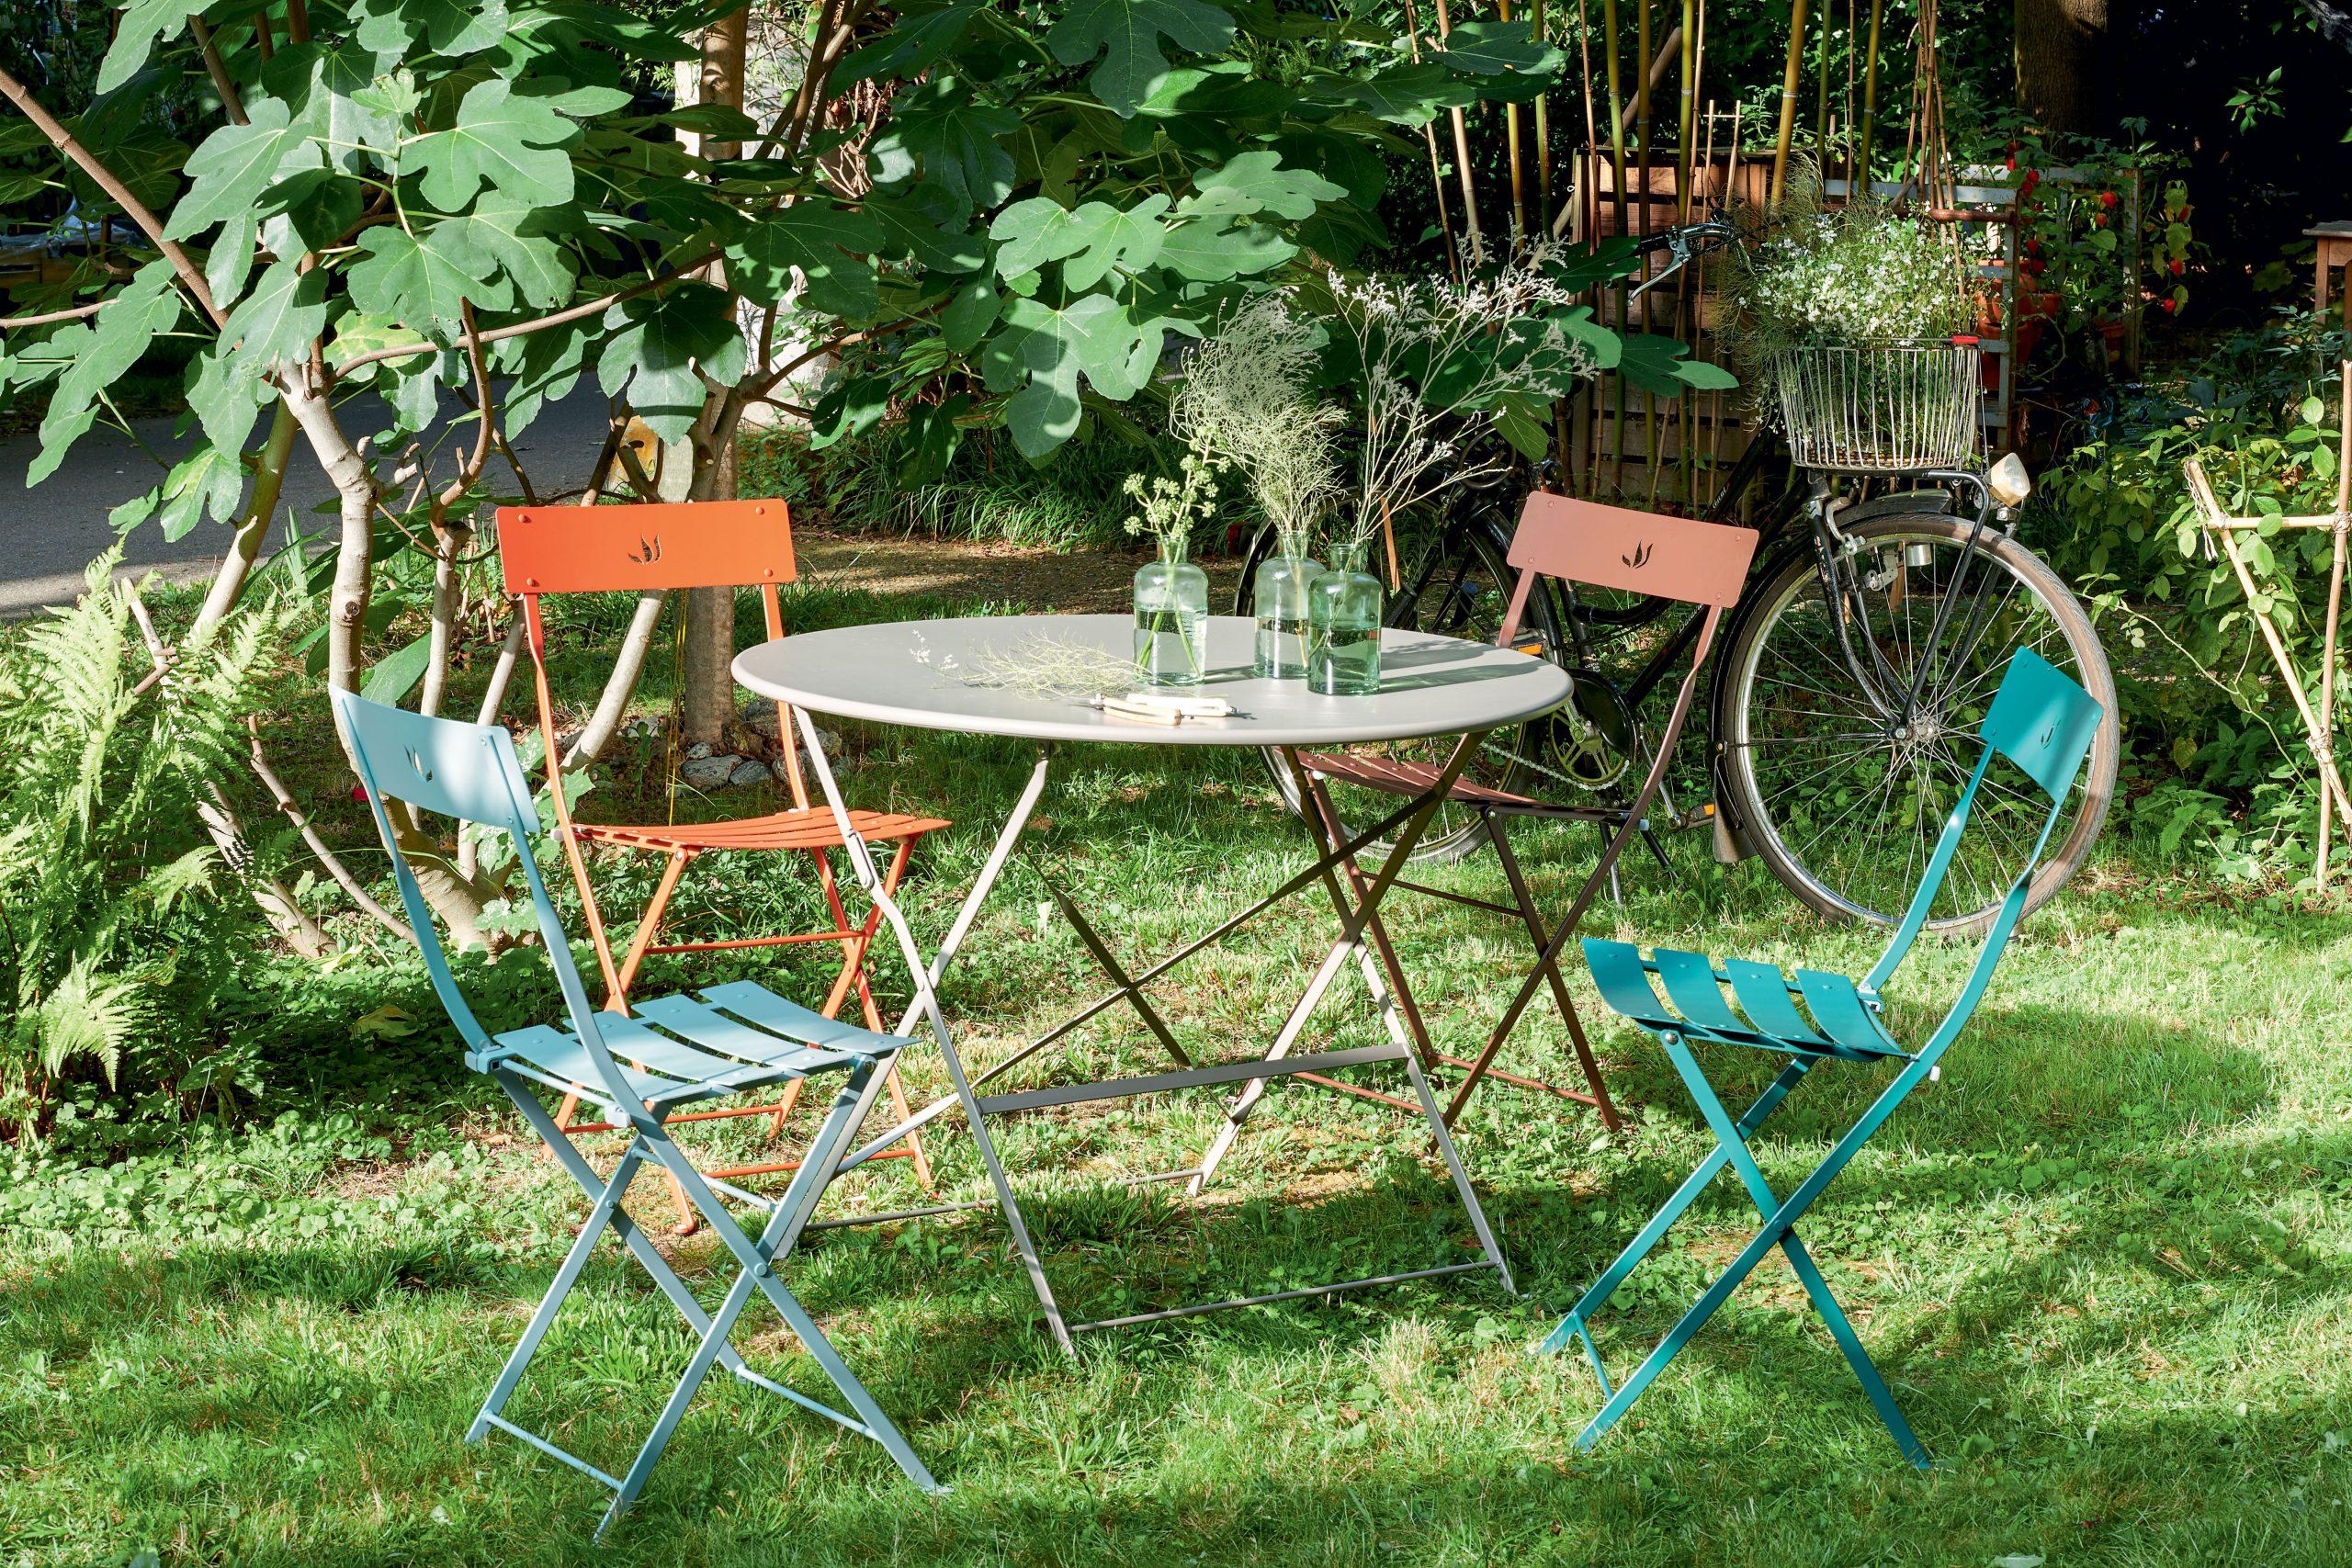 Épinglé Par Jardineries Truffaut Sur Vivre Au Jardin   Table ... dedans Truffaut Table De Jardin